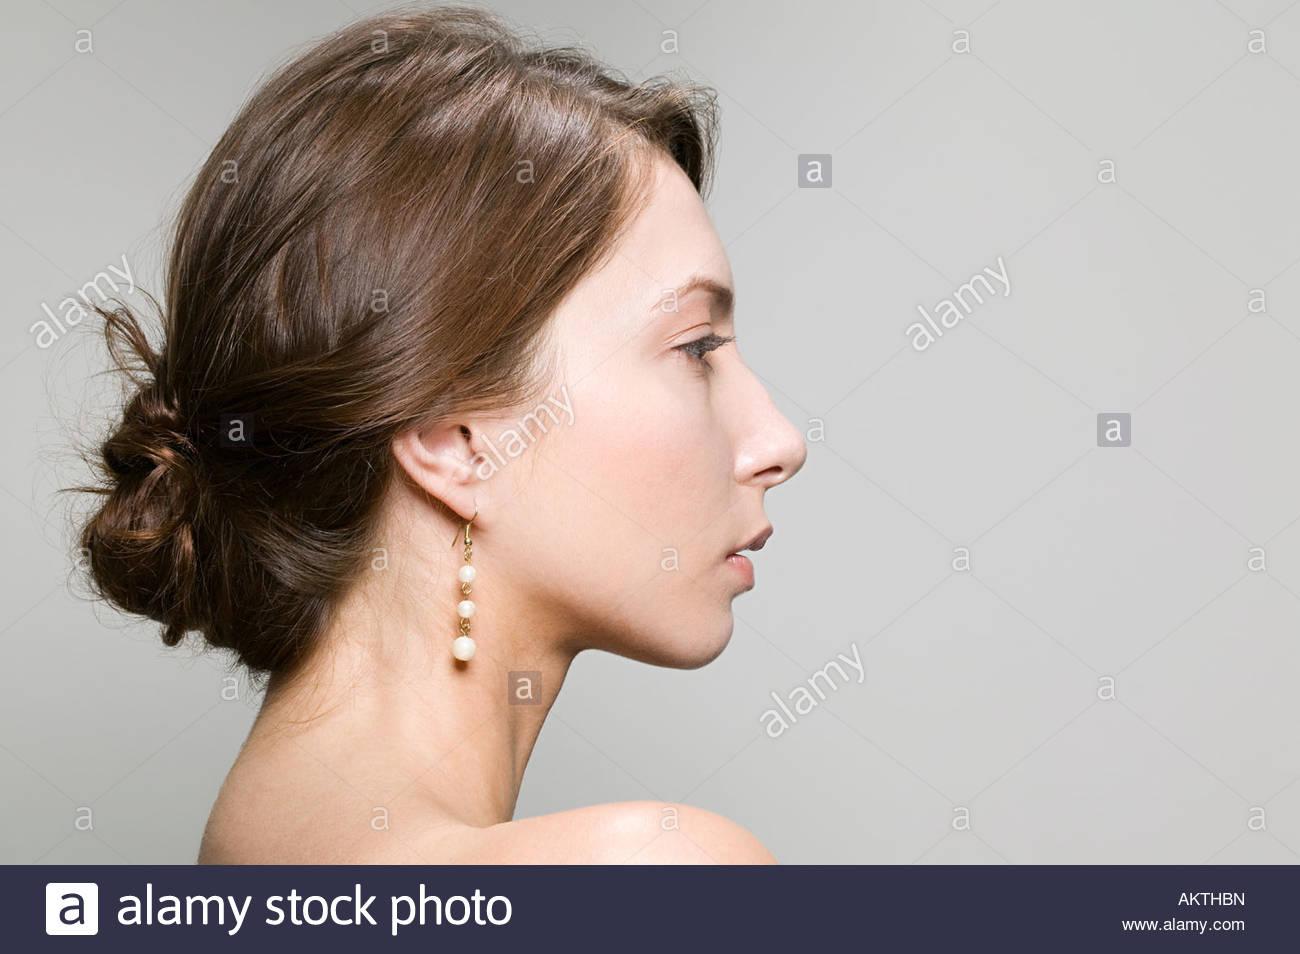 Profil einer jungen Frau Stockbild